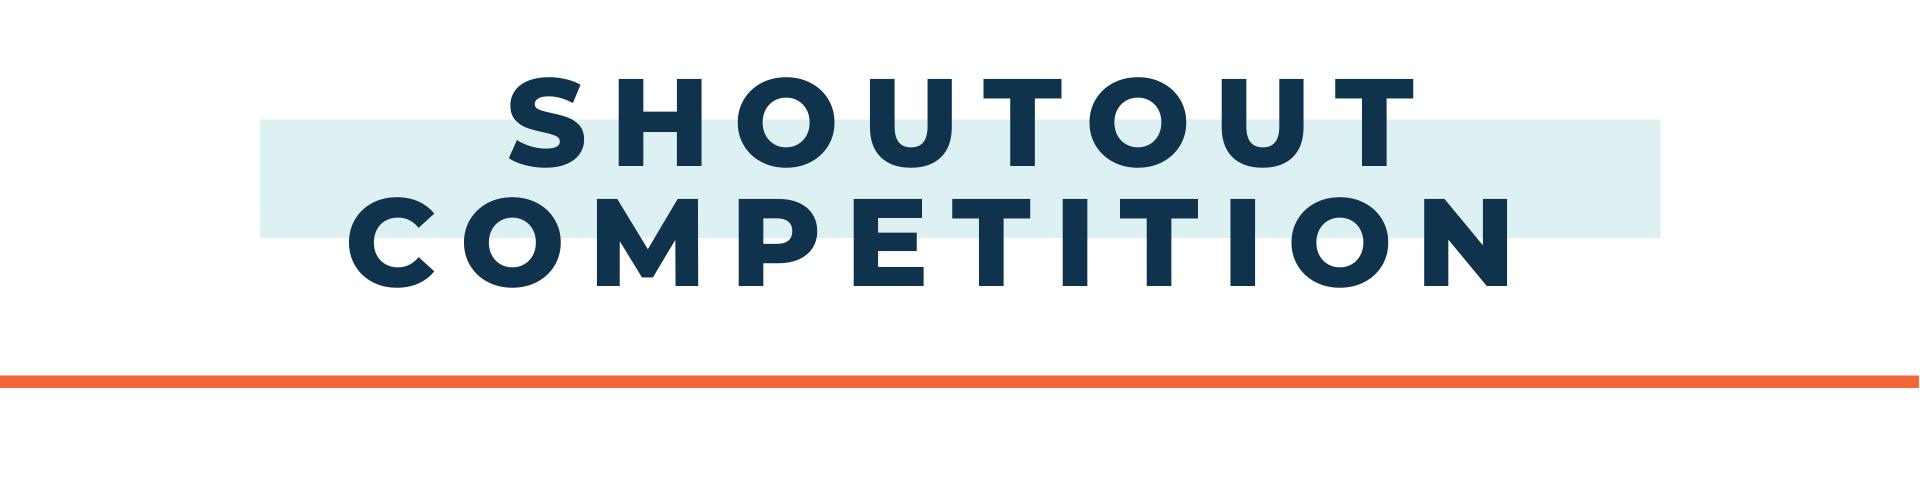 Shoutout Competition